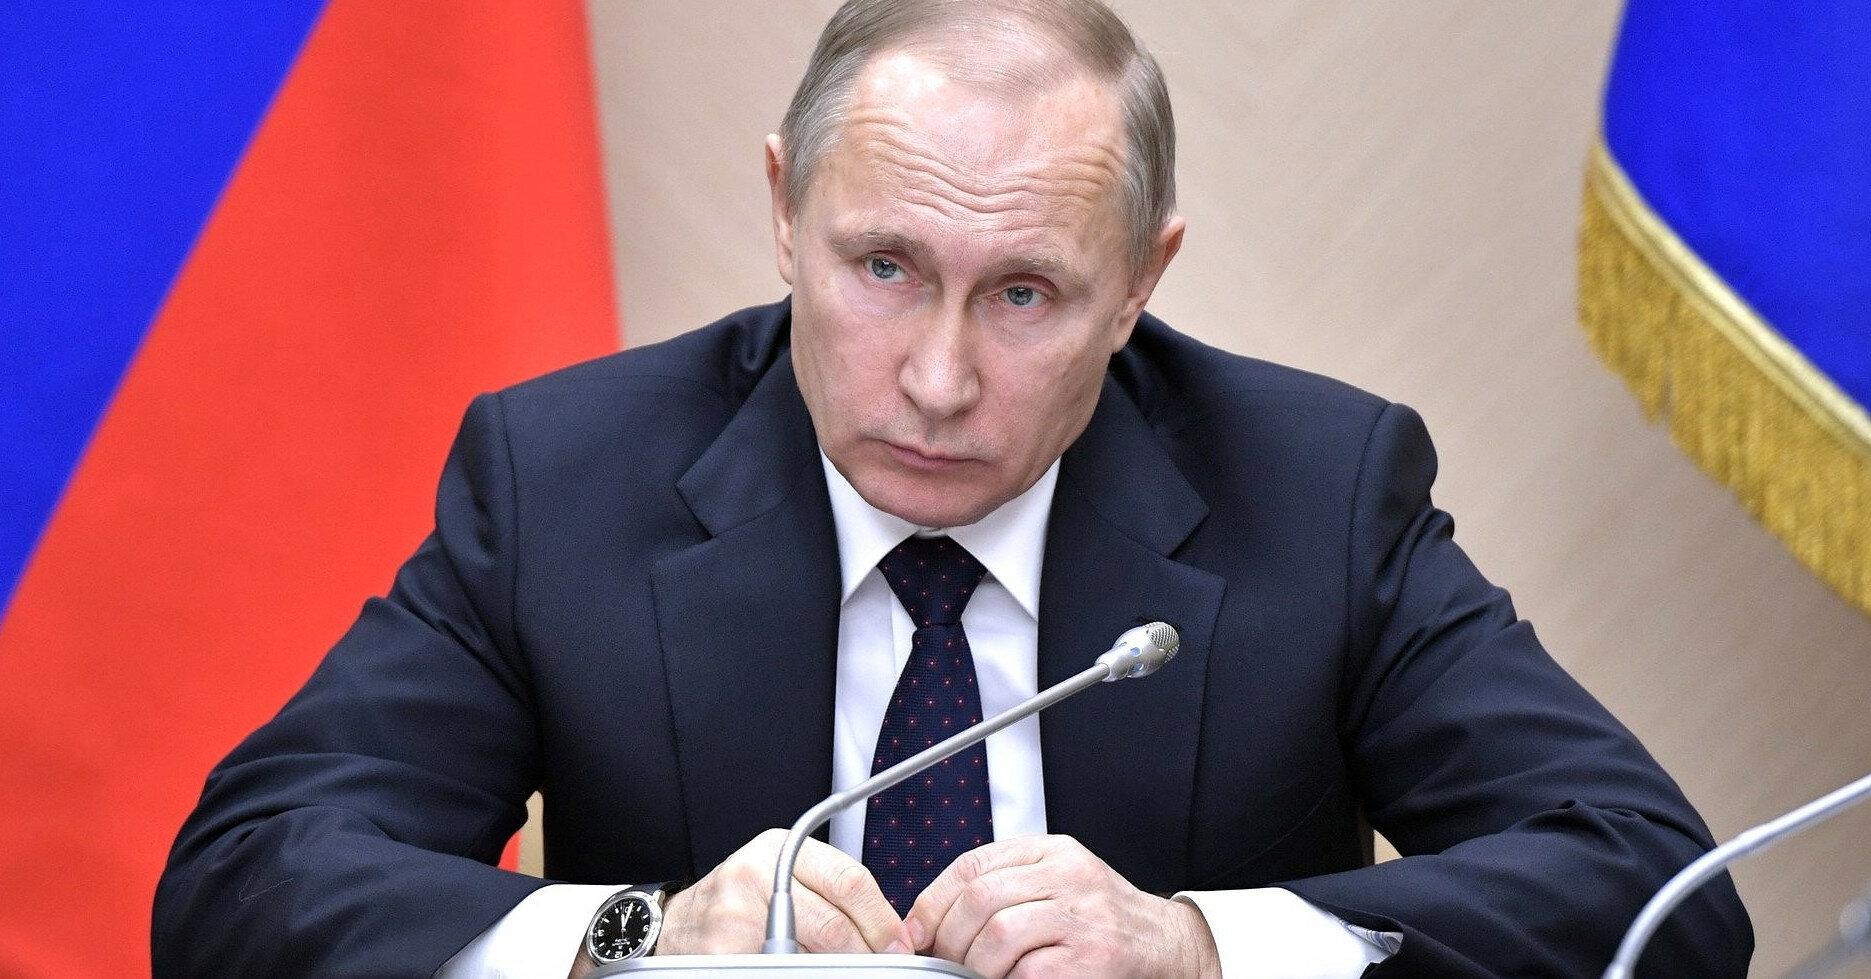 Никаких гарантий невступления Украины в НАТО нет - Путин